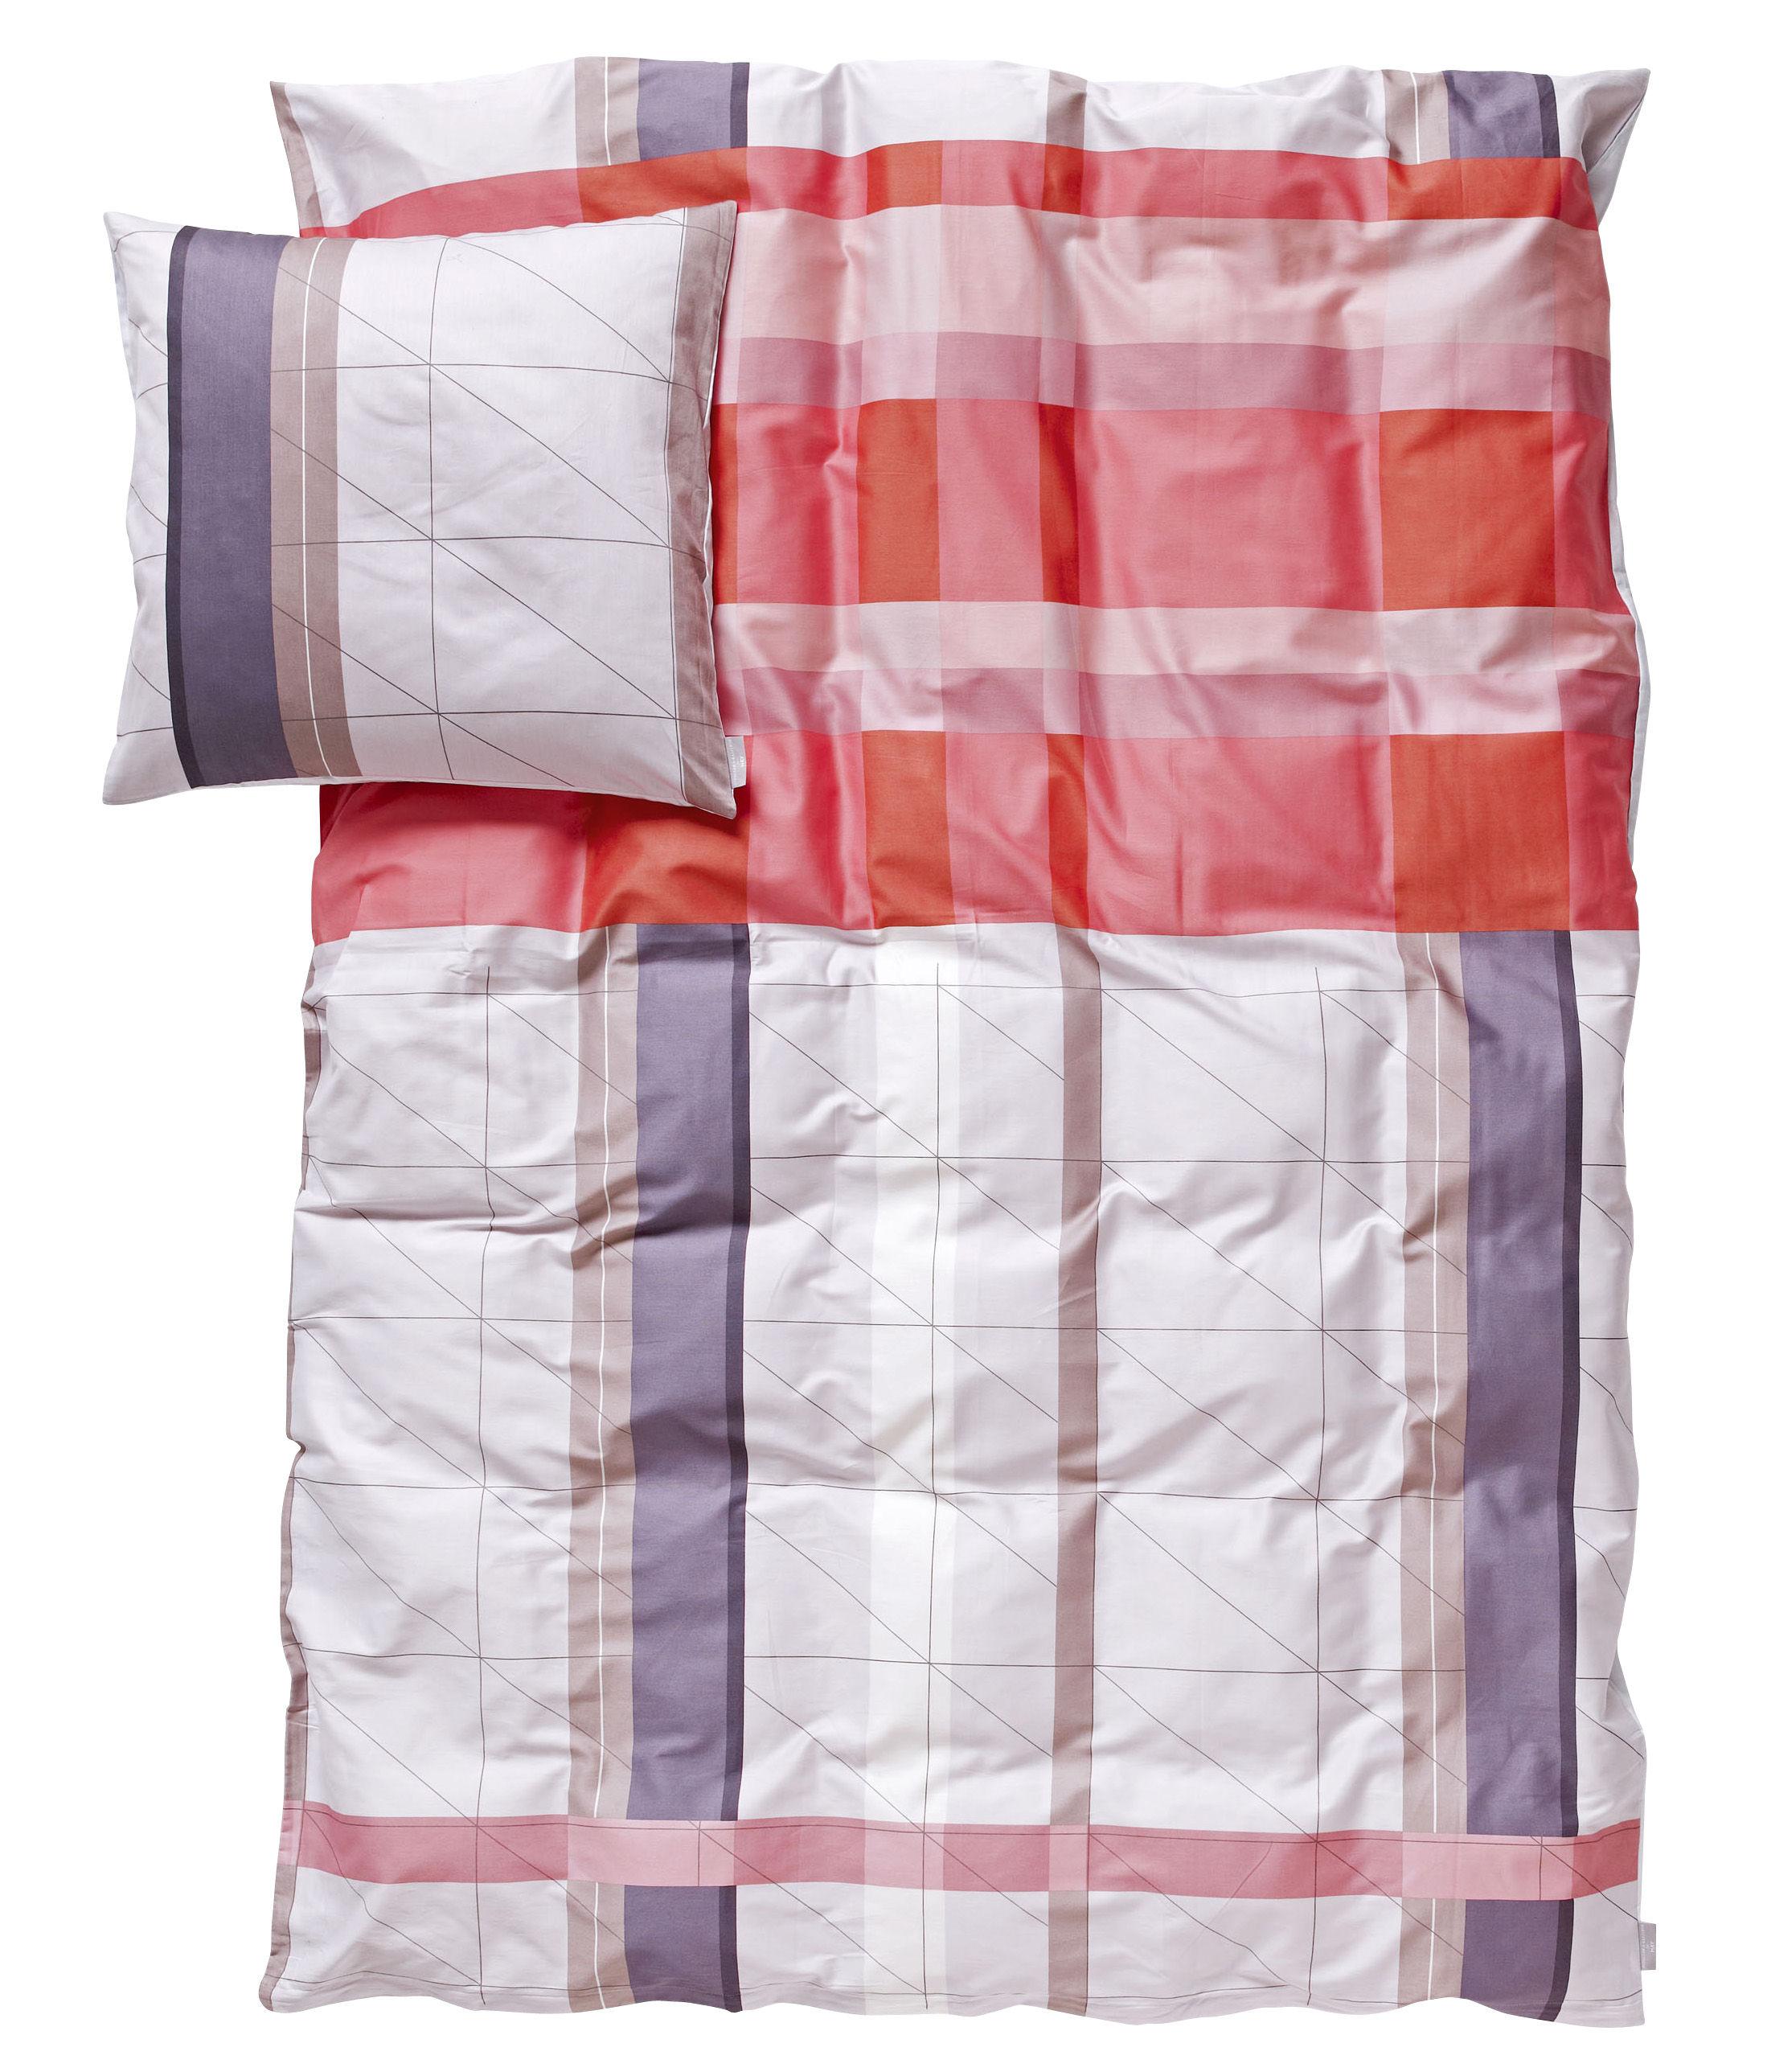 Christmas - Scandinavian - Parure de lit 2 personnes S&B Colour Block / 220 x 240 cm - Hay - Rouge (Tons rouge, parme et taupe) - Coton